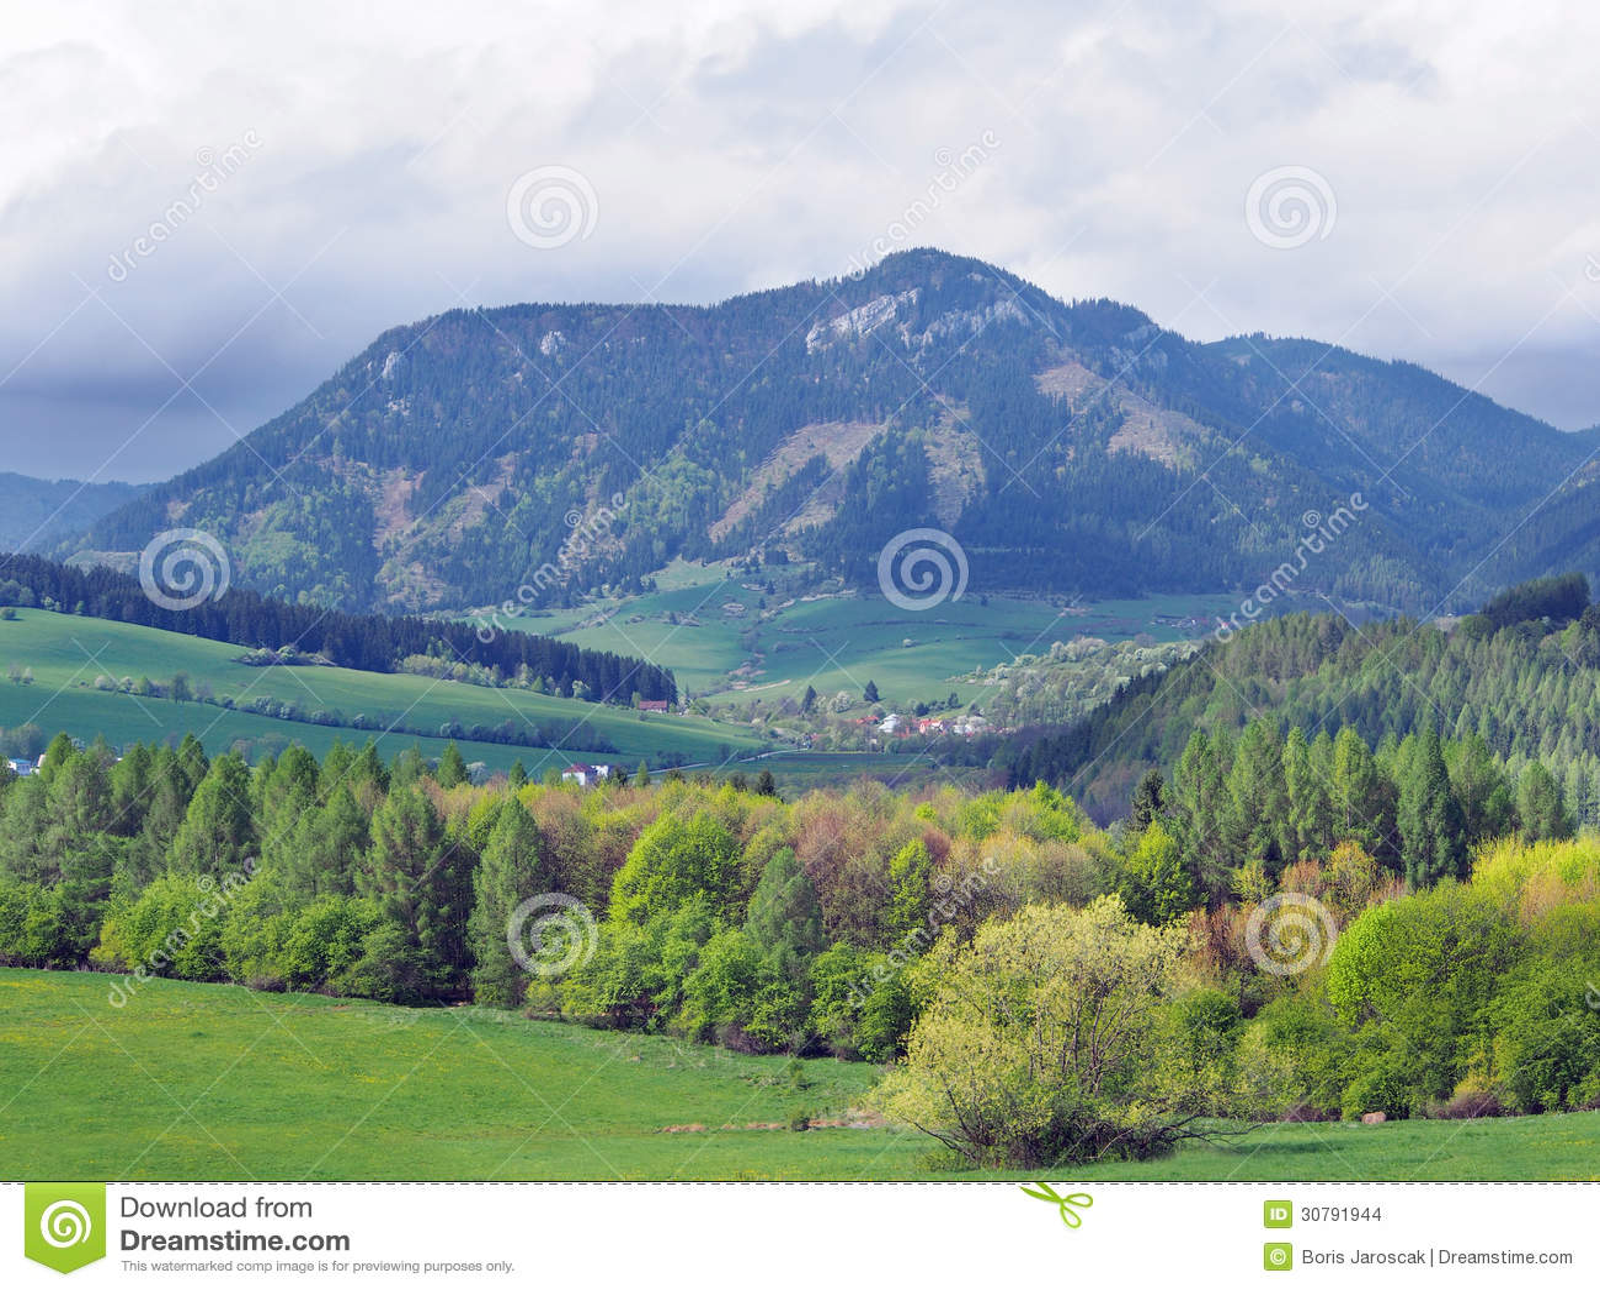 Countryside with Pravnac hill near Bobrovnik